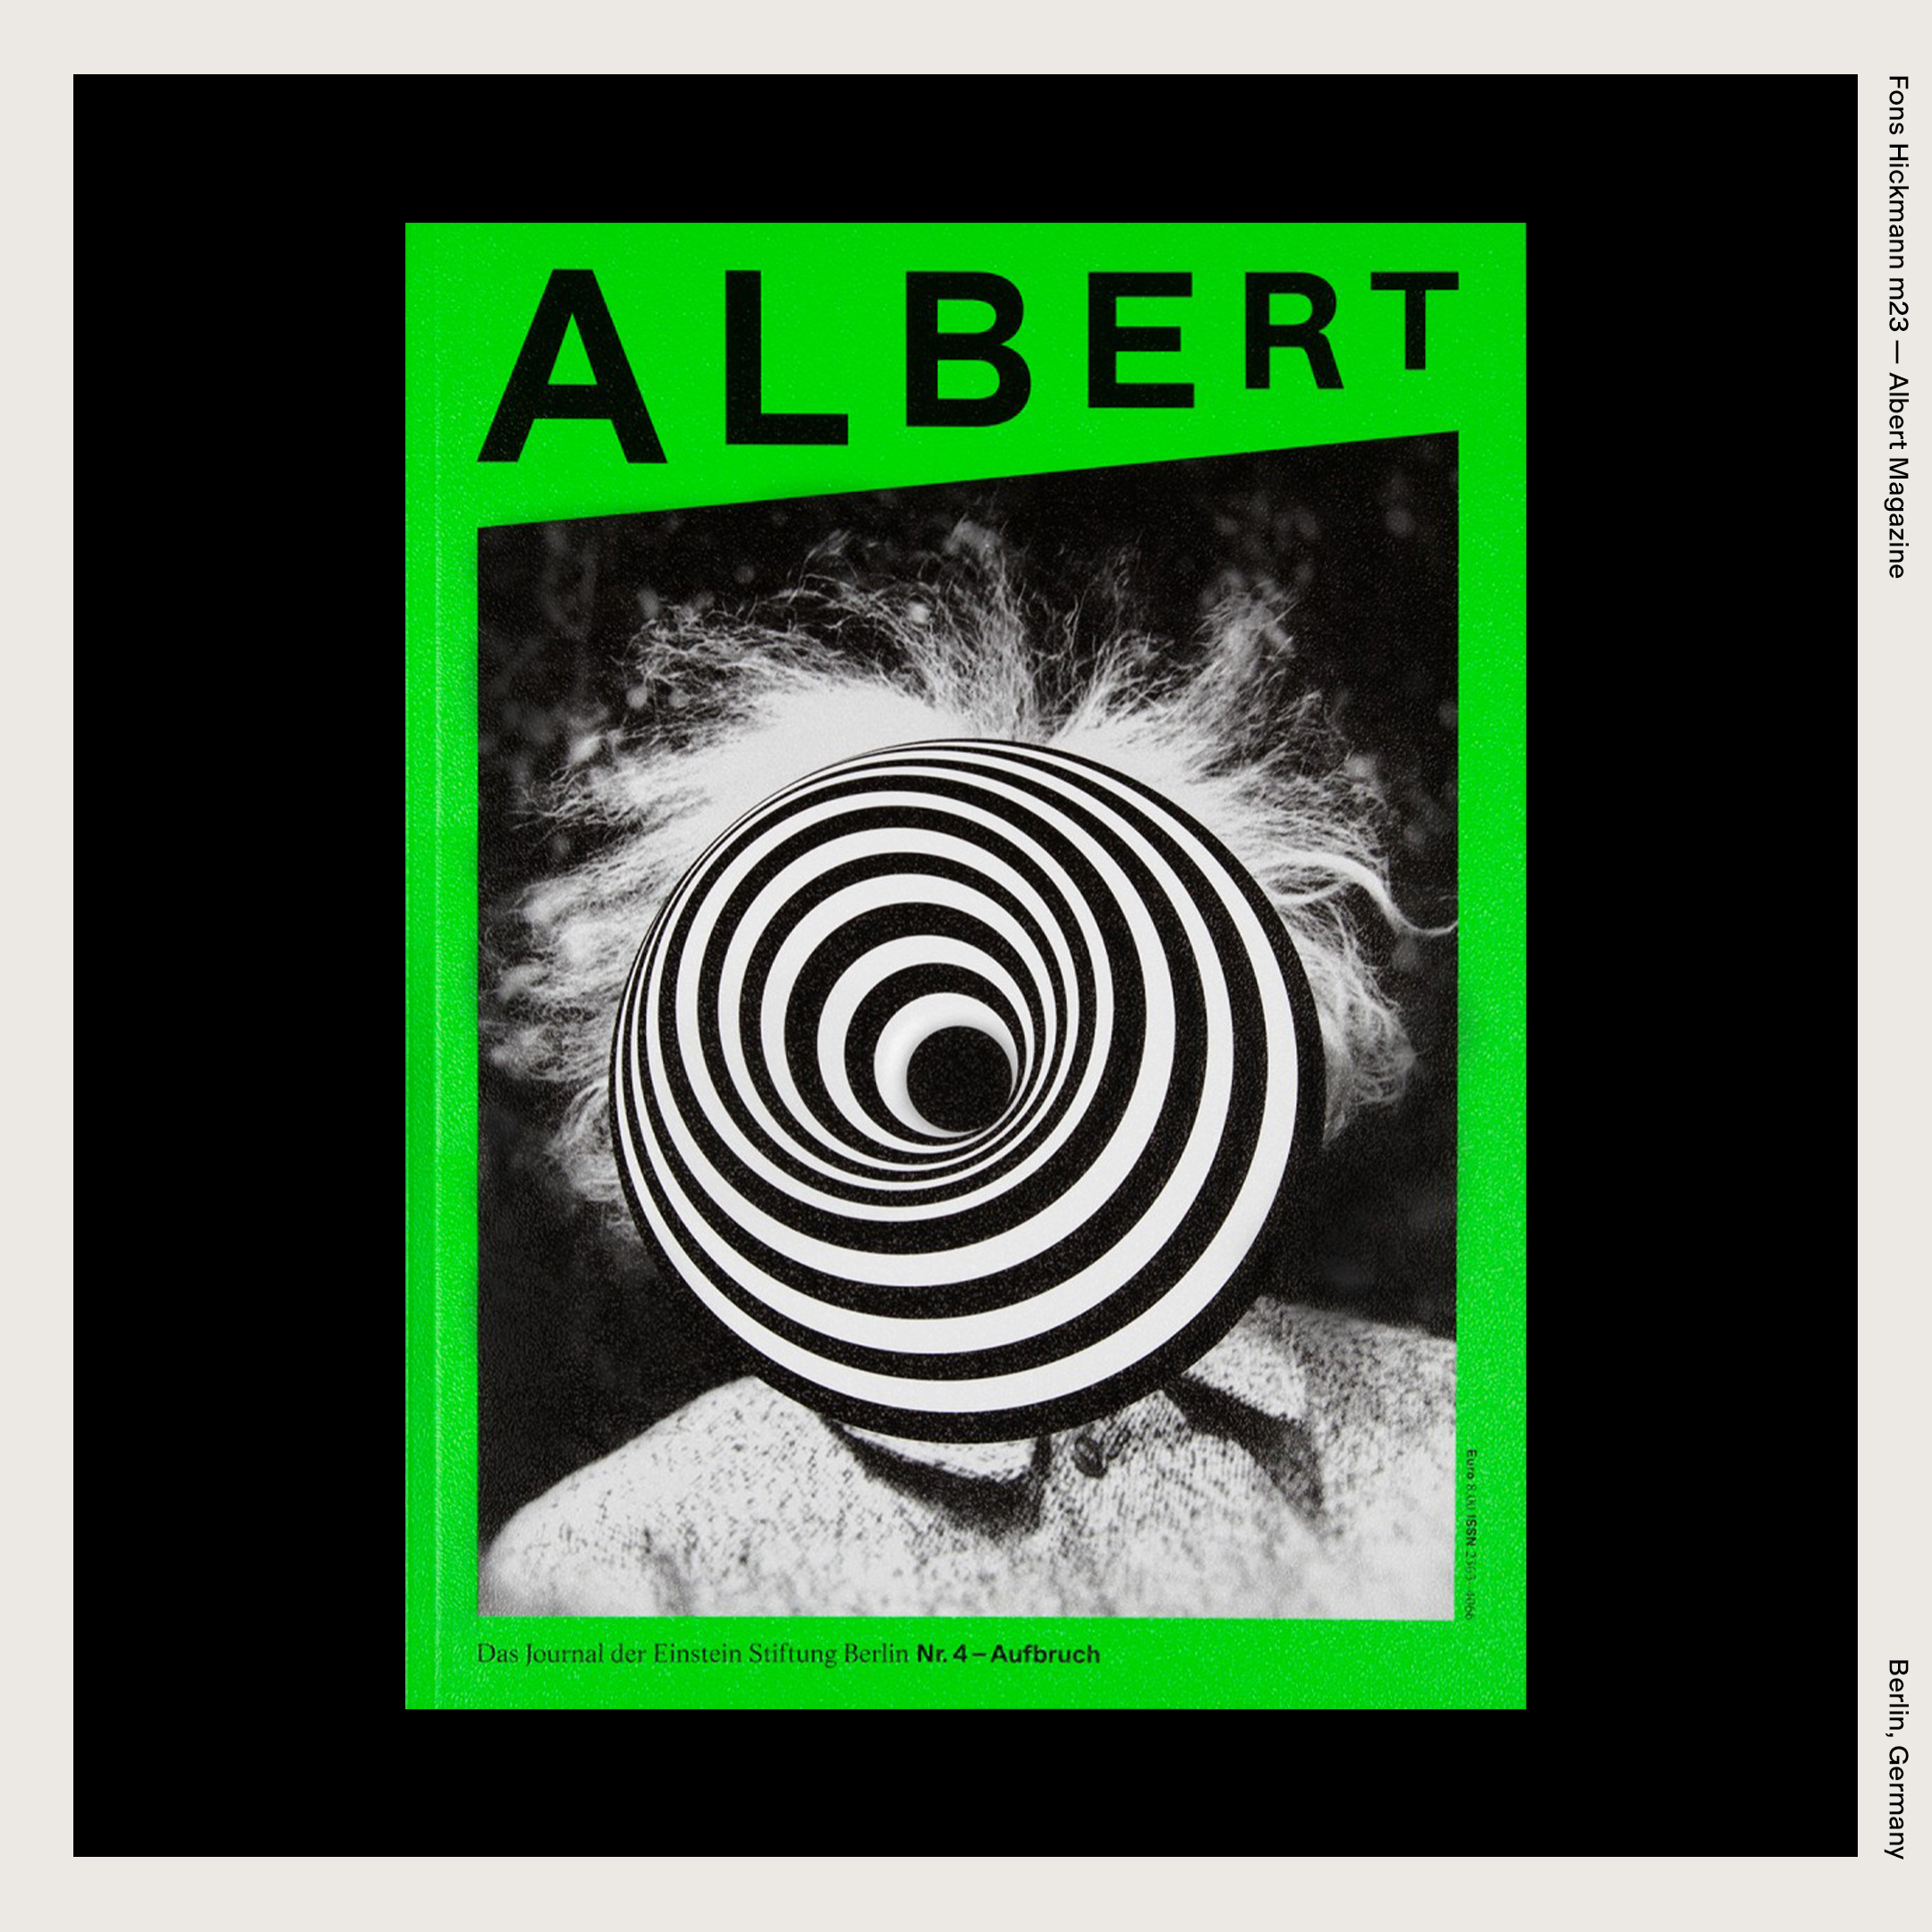 Fons Hickmann m23 — Albert Magazine